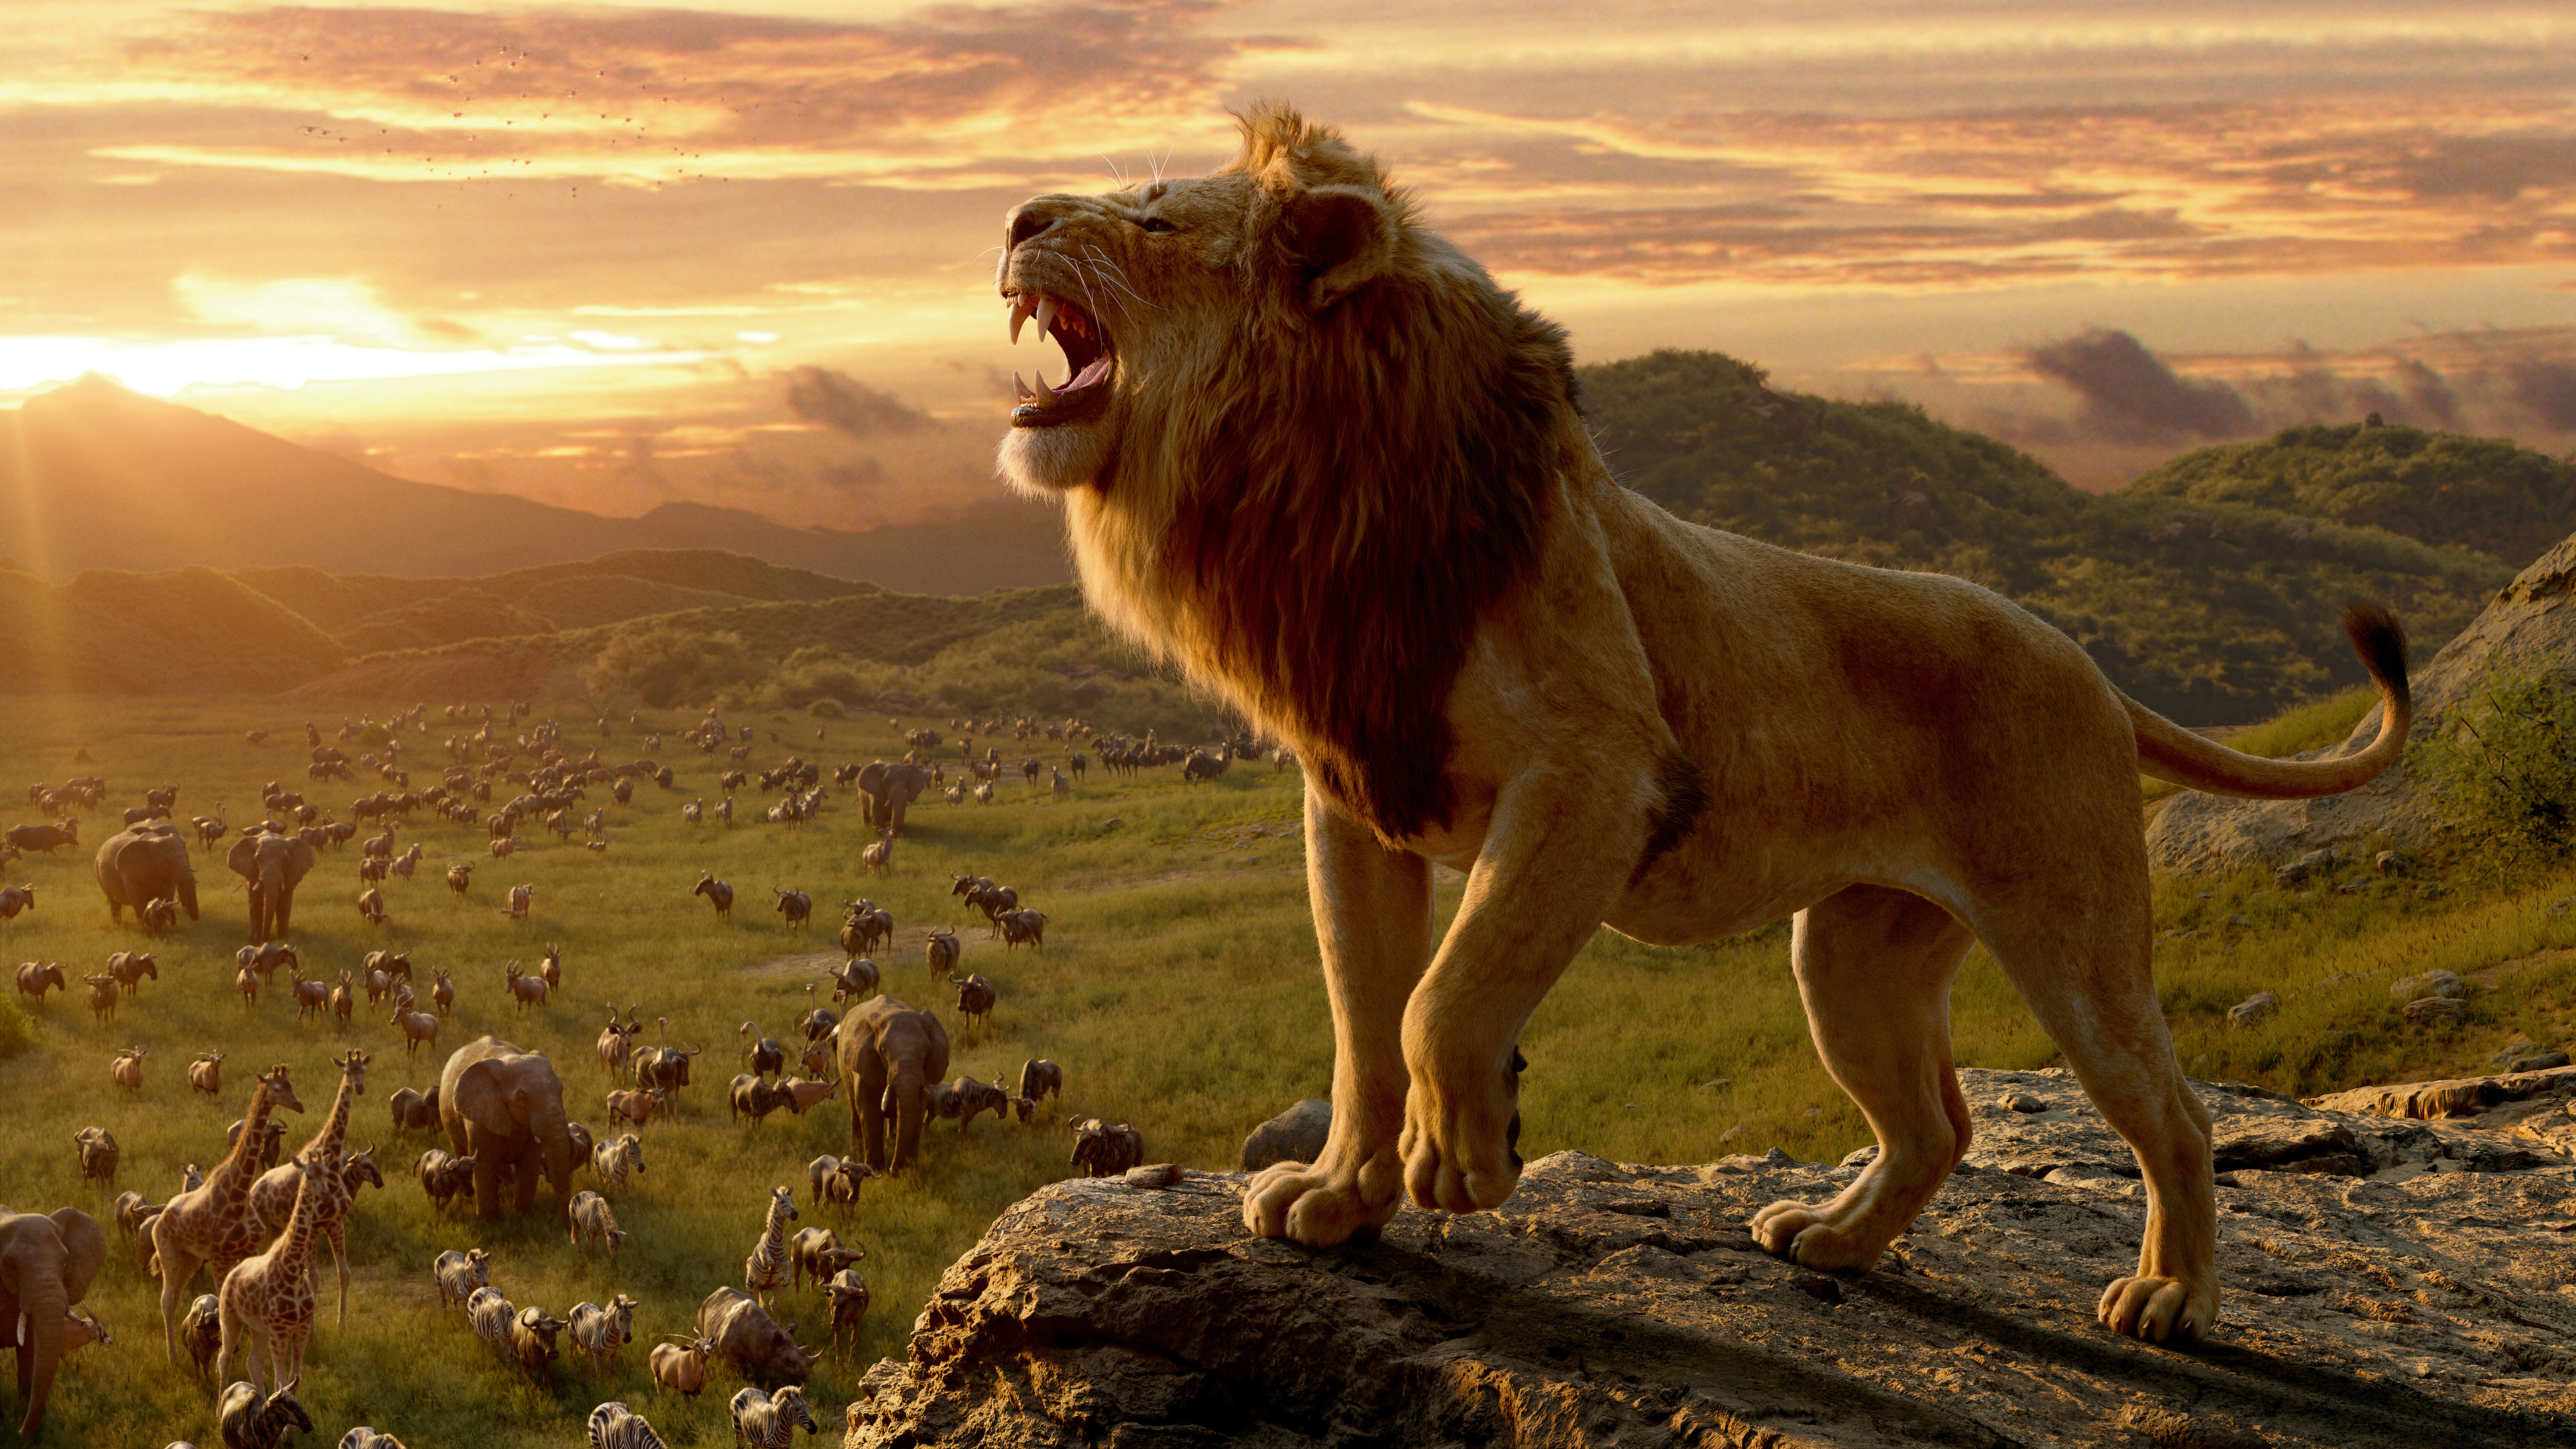 Lion King 2019 Phone Wallpaper 70 WALLPAPER 4K THE LION   Videos 3840x2160